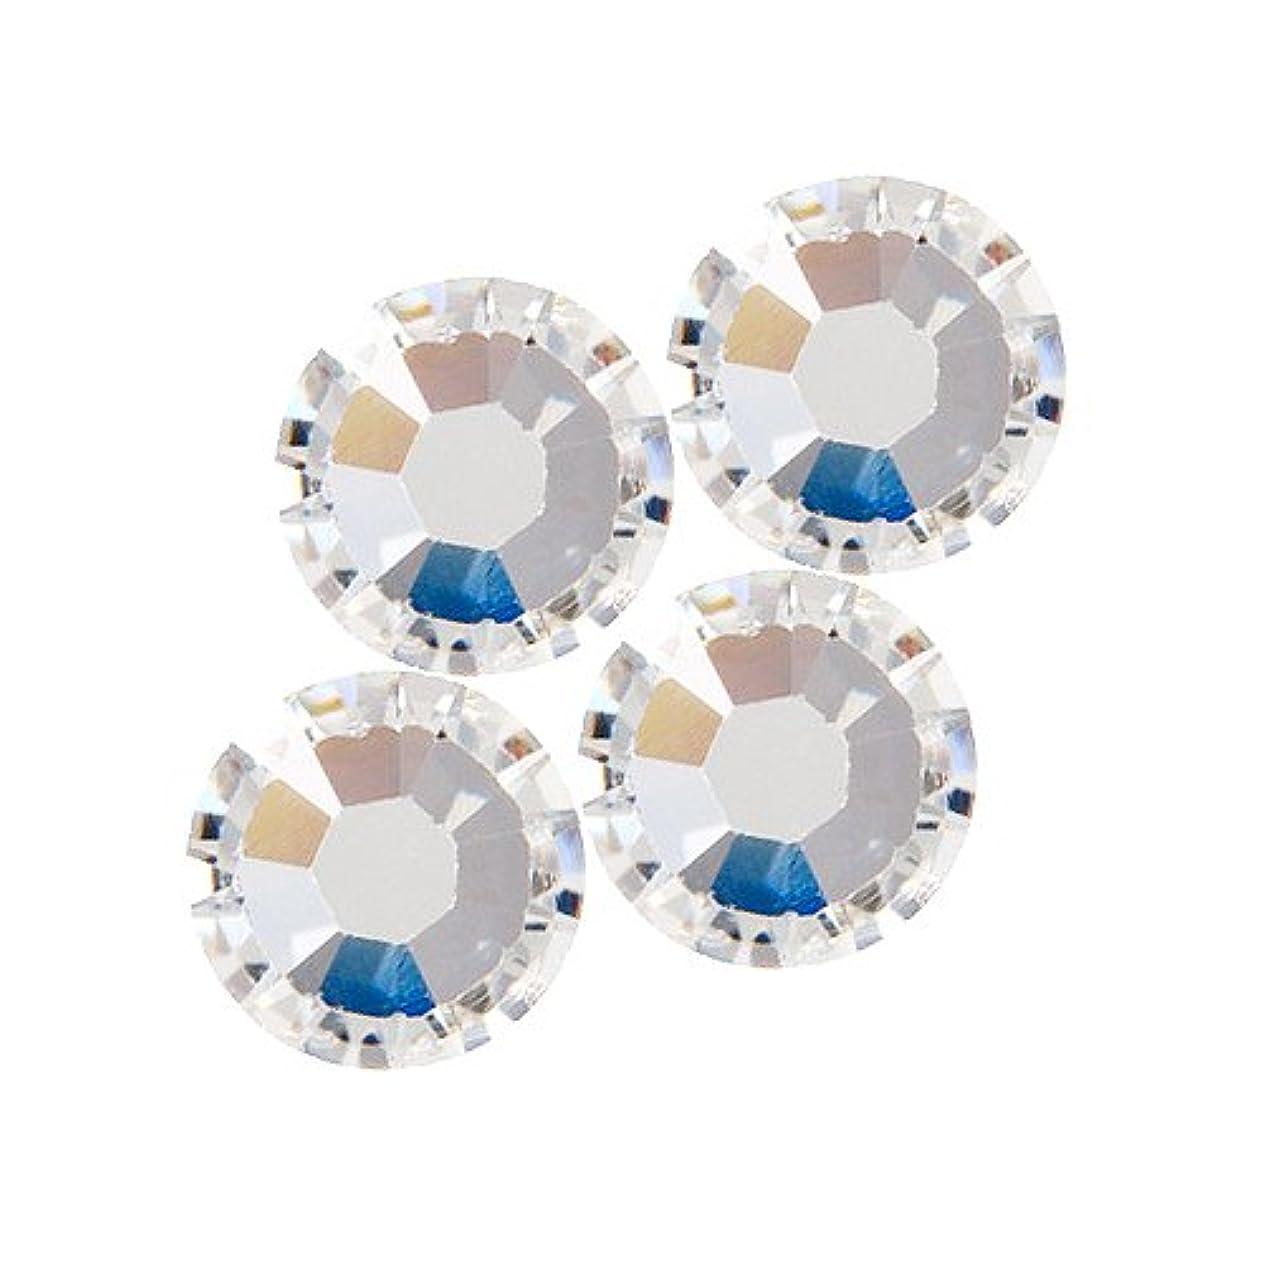 促進する矛盾する手順バイナル DIAMOND RHINESTONE  クリスタル SS10 1440粒 ST-SS10-CRY-10G